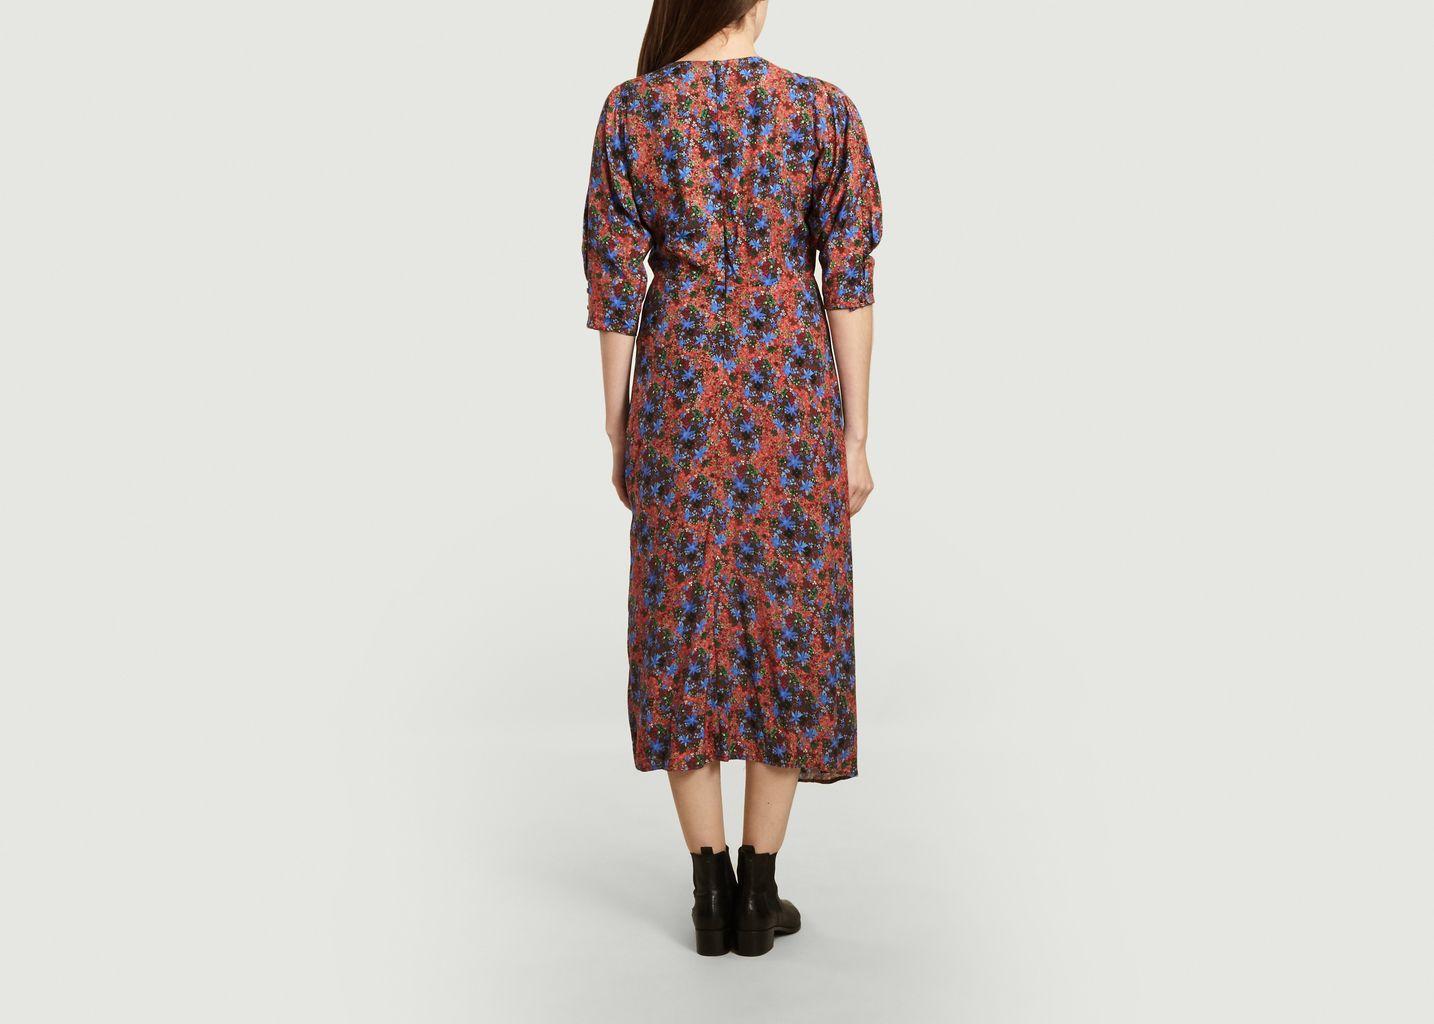 Robe Cephora à imprimé fleuri  - Suncoo